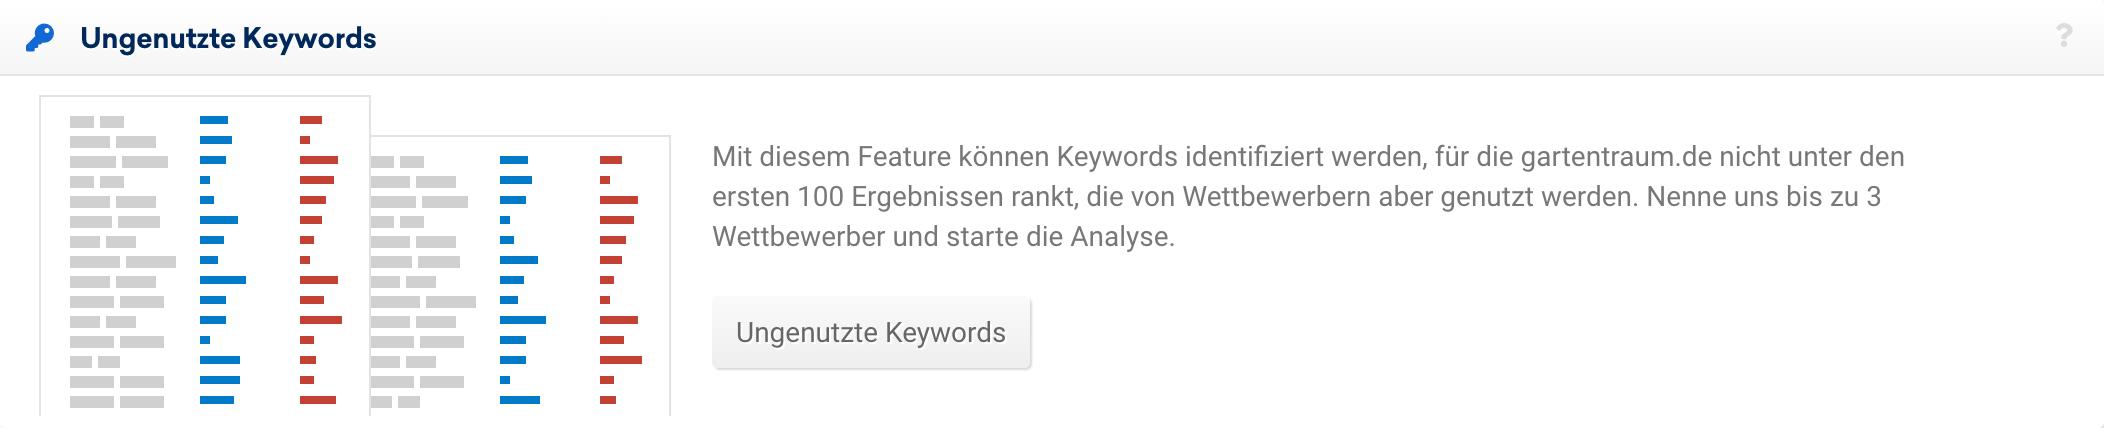 """Funktions-Vorstellungsbox für die """"Ungenutzten Keywords"""" im Unterpunkt """"Chancen"""" der SISTRIX Toolbox."""